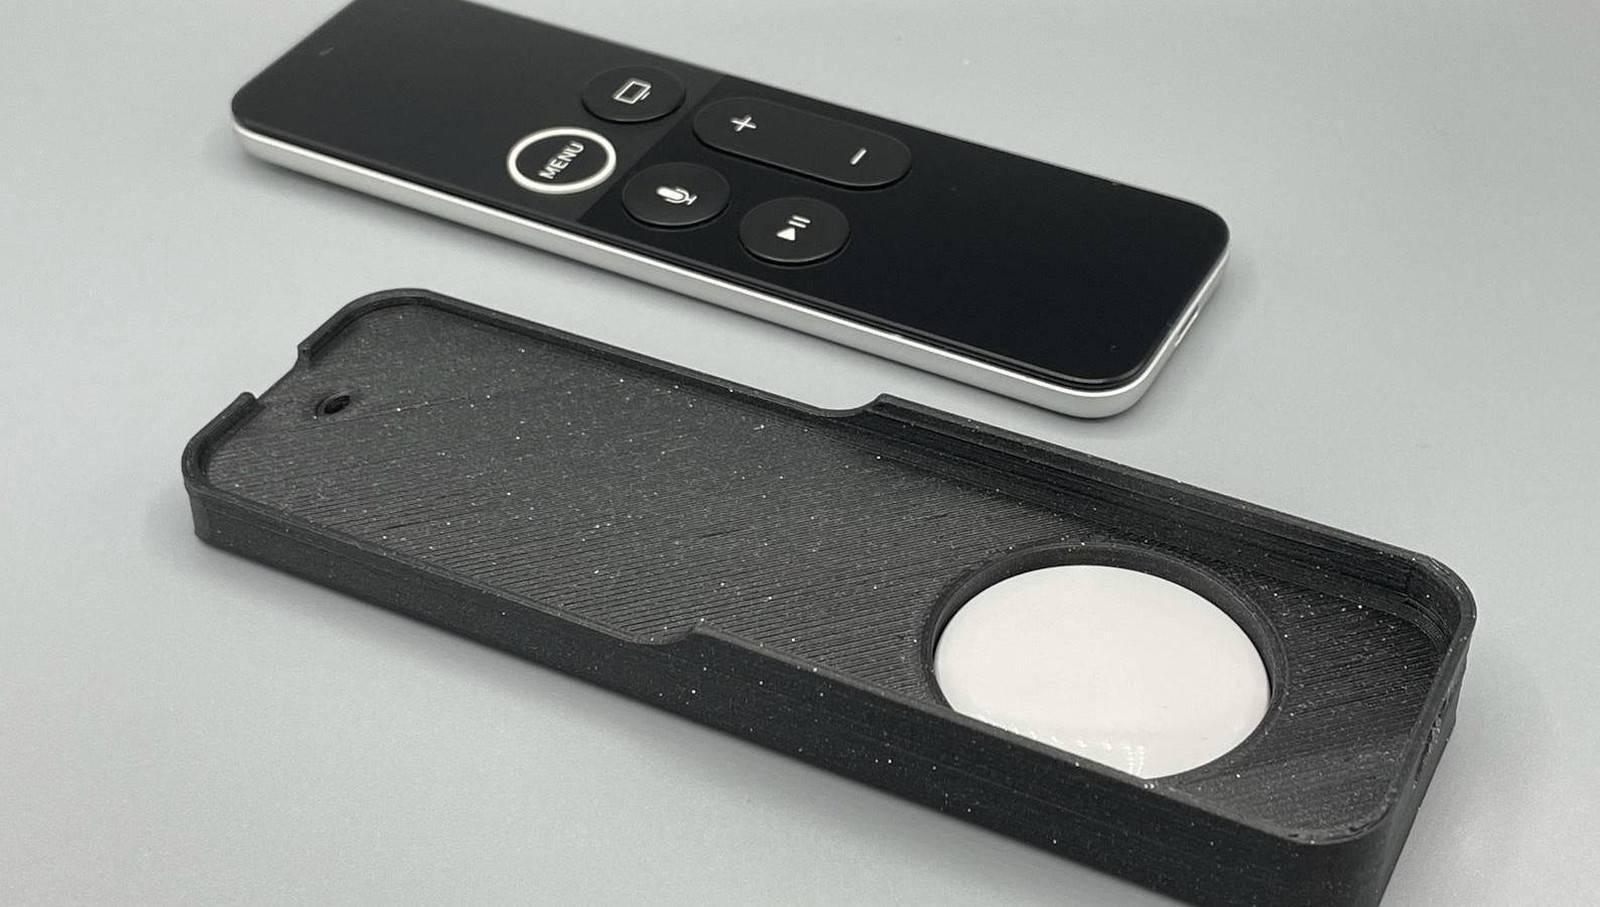 有了这款配件 你的老款Siri遥控器就能和AirTag配合使用